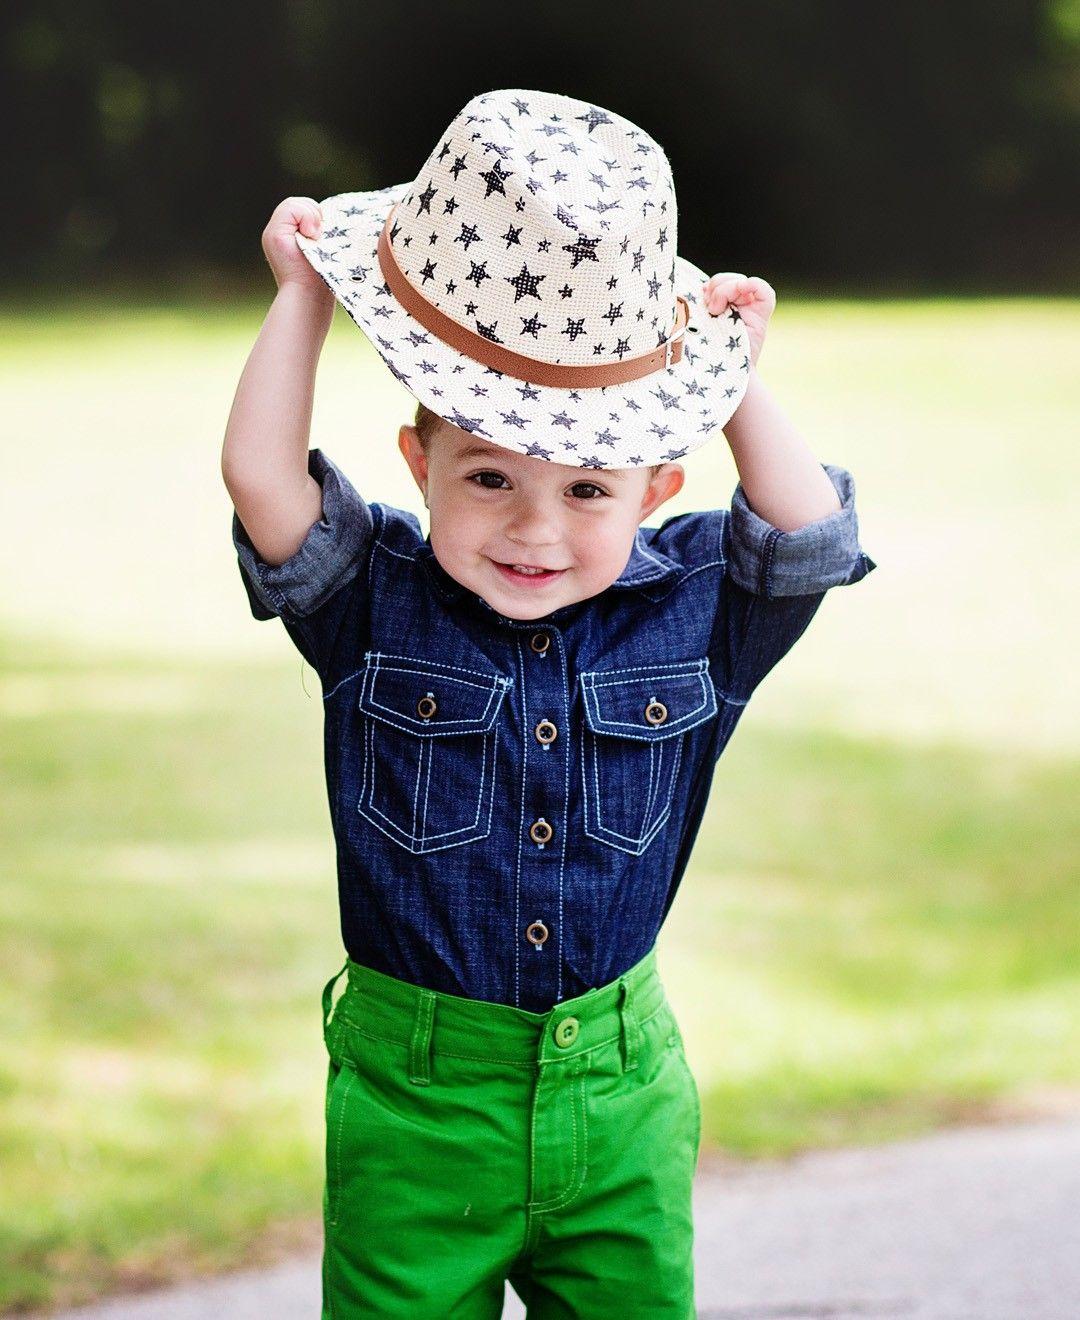 dac5ae21af9 Sammy Star Cowboy Hat. A super cute accessory for your baby or toddler boy.